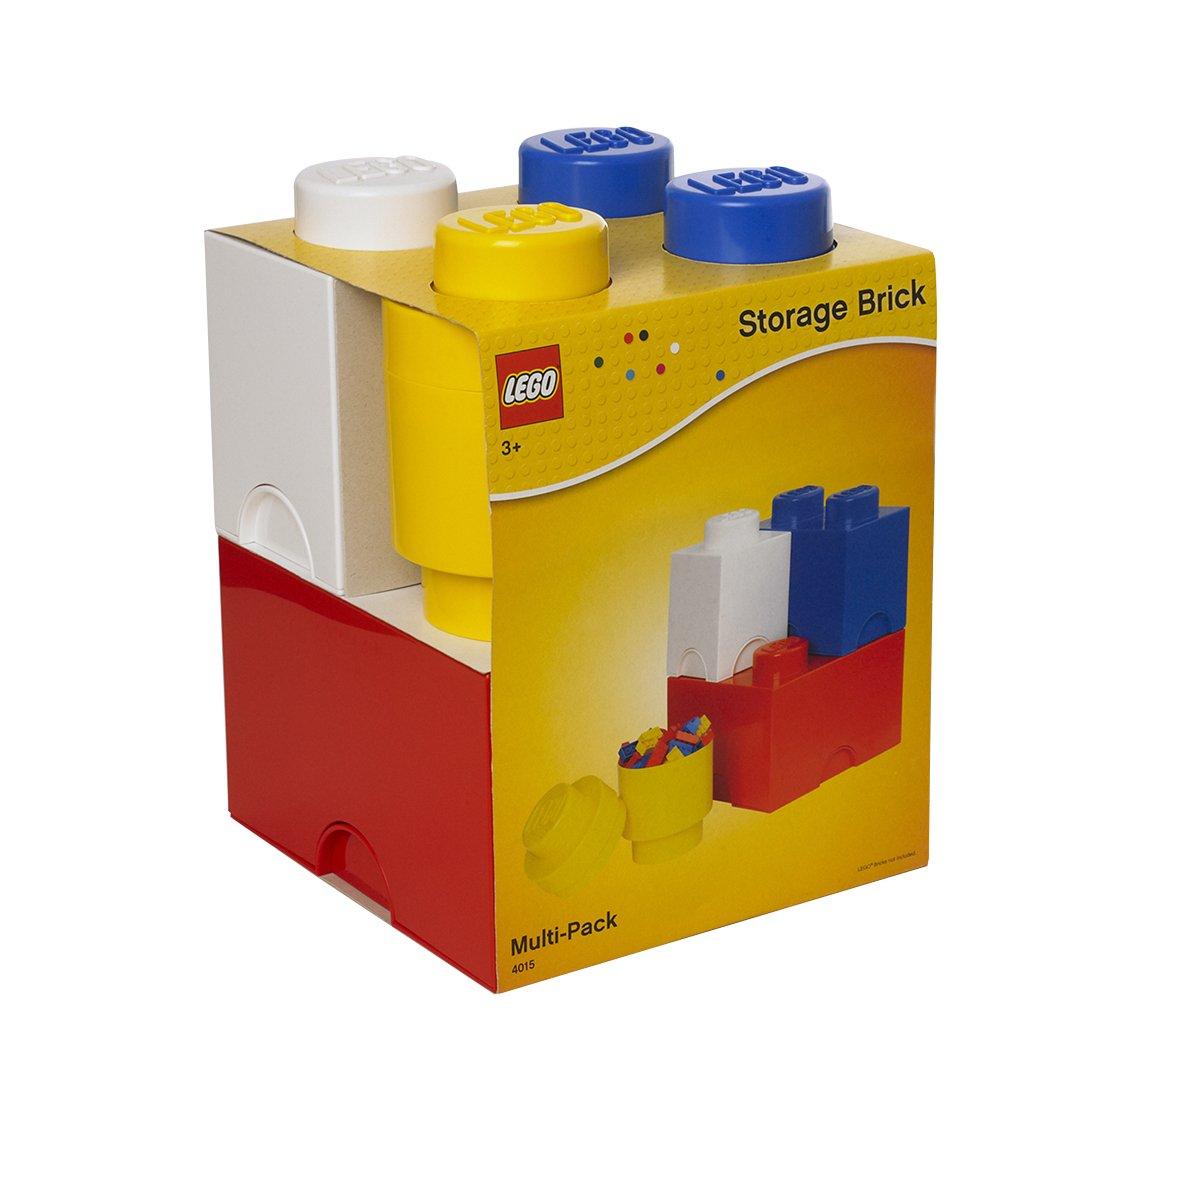 Room Copenhagen 40150001 Multipack de Ladrillos de Almacenamiento de Lego, Largo. Cajas de almacenaje apilables. Conjunto de 4 Piezas, One Size 5711938024871